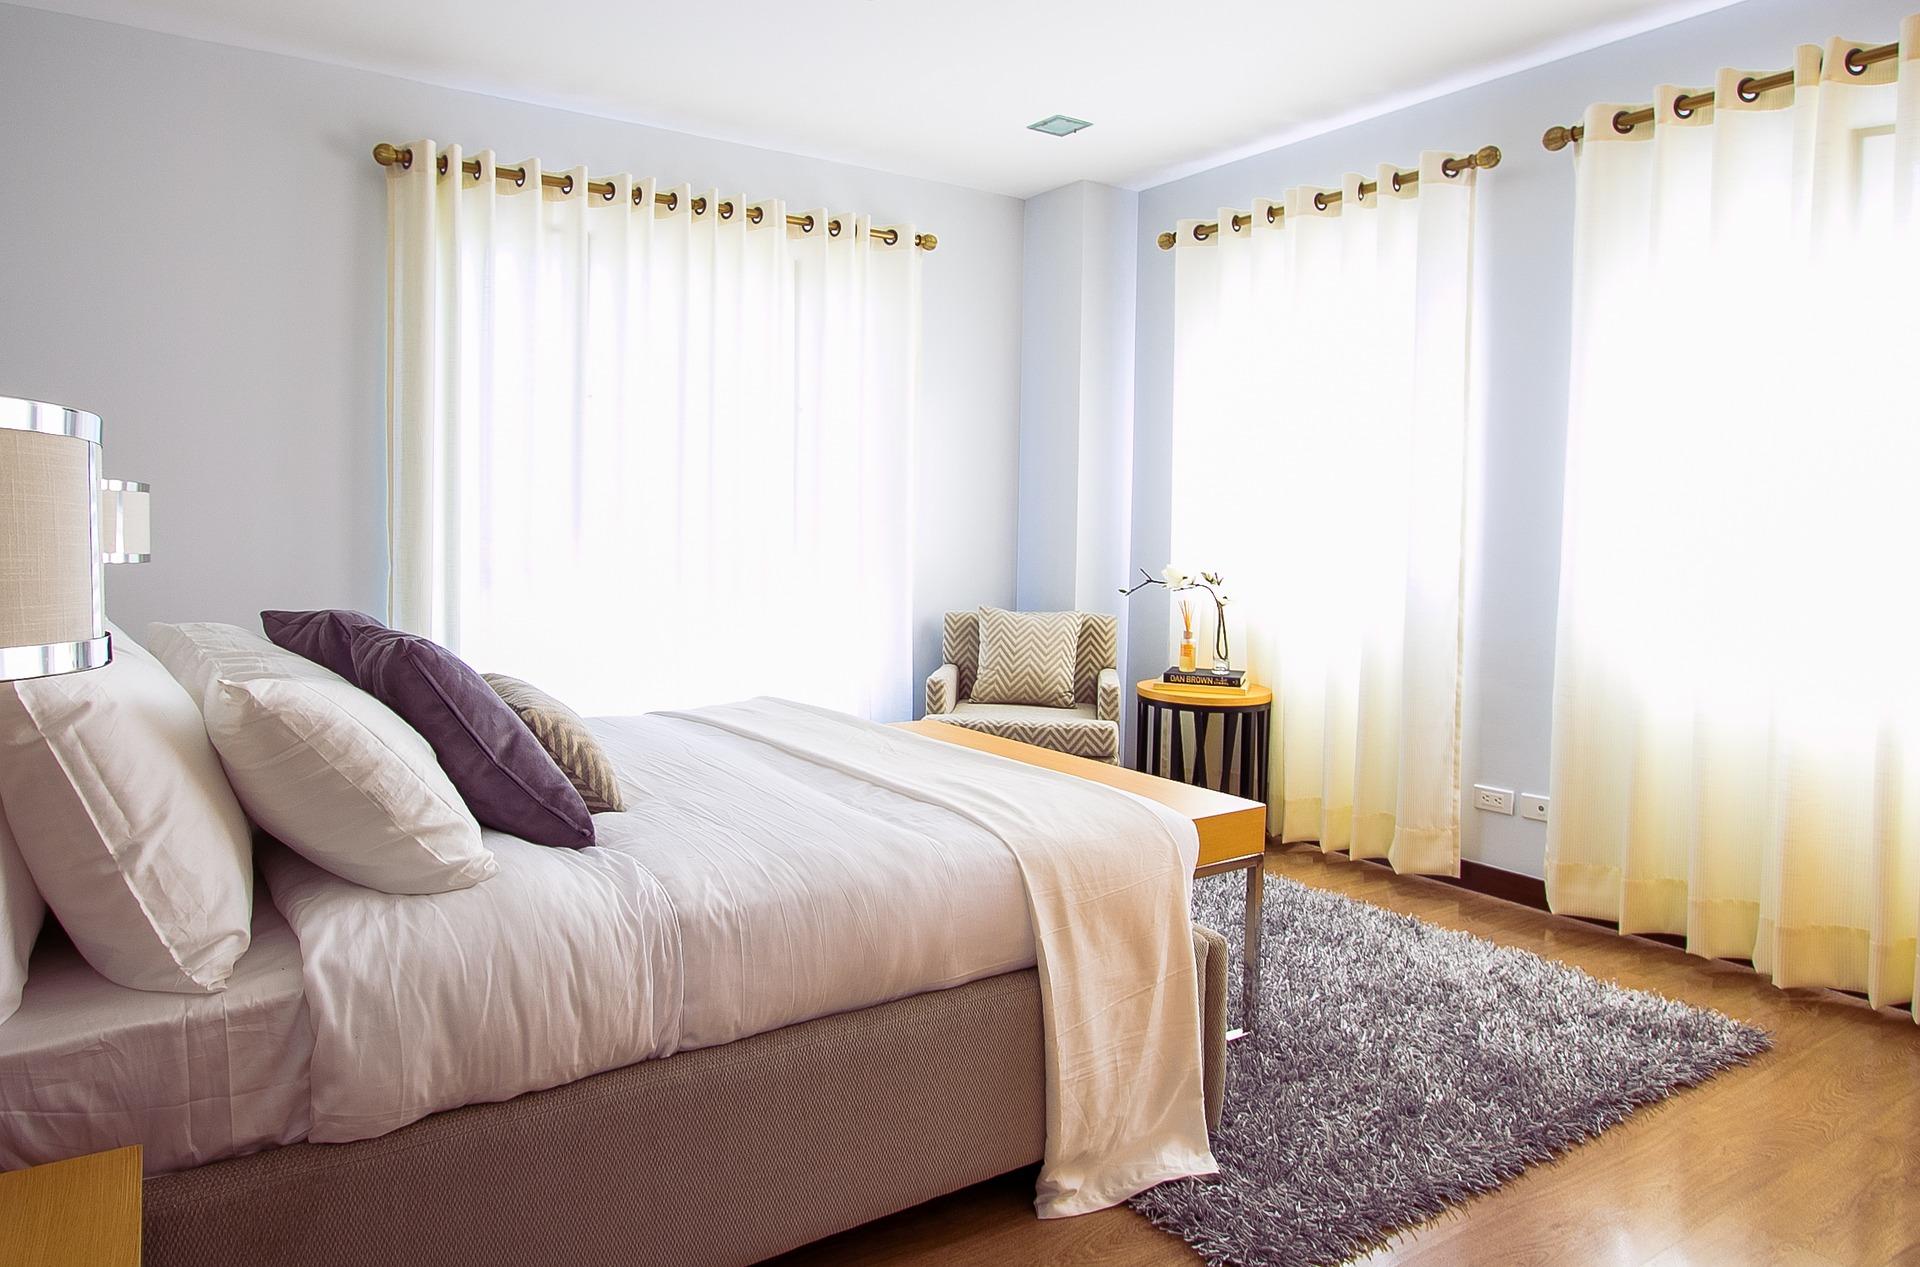 interioristas-decoracion-dormitorio-interiorismo-emociones-salud-vida-saludable-valencia-2